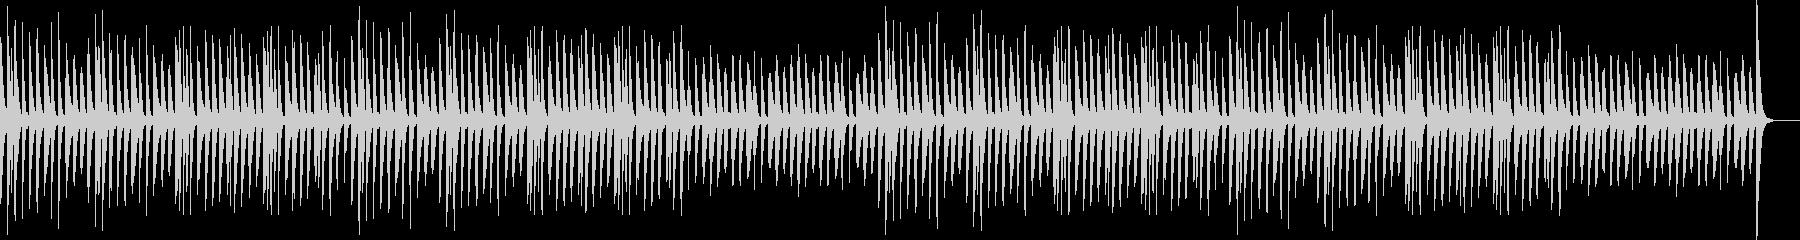 ほのぼの・マリンバ・かわいいの未再生の波形